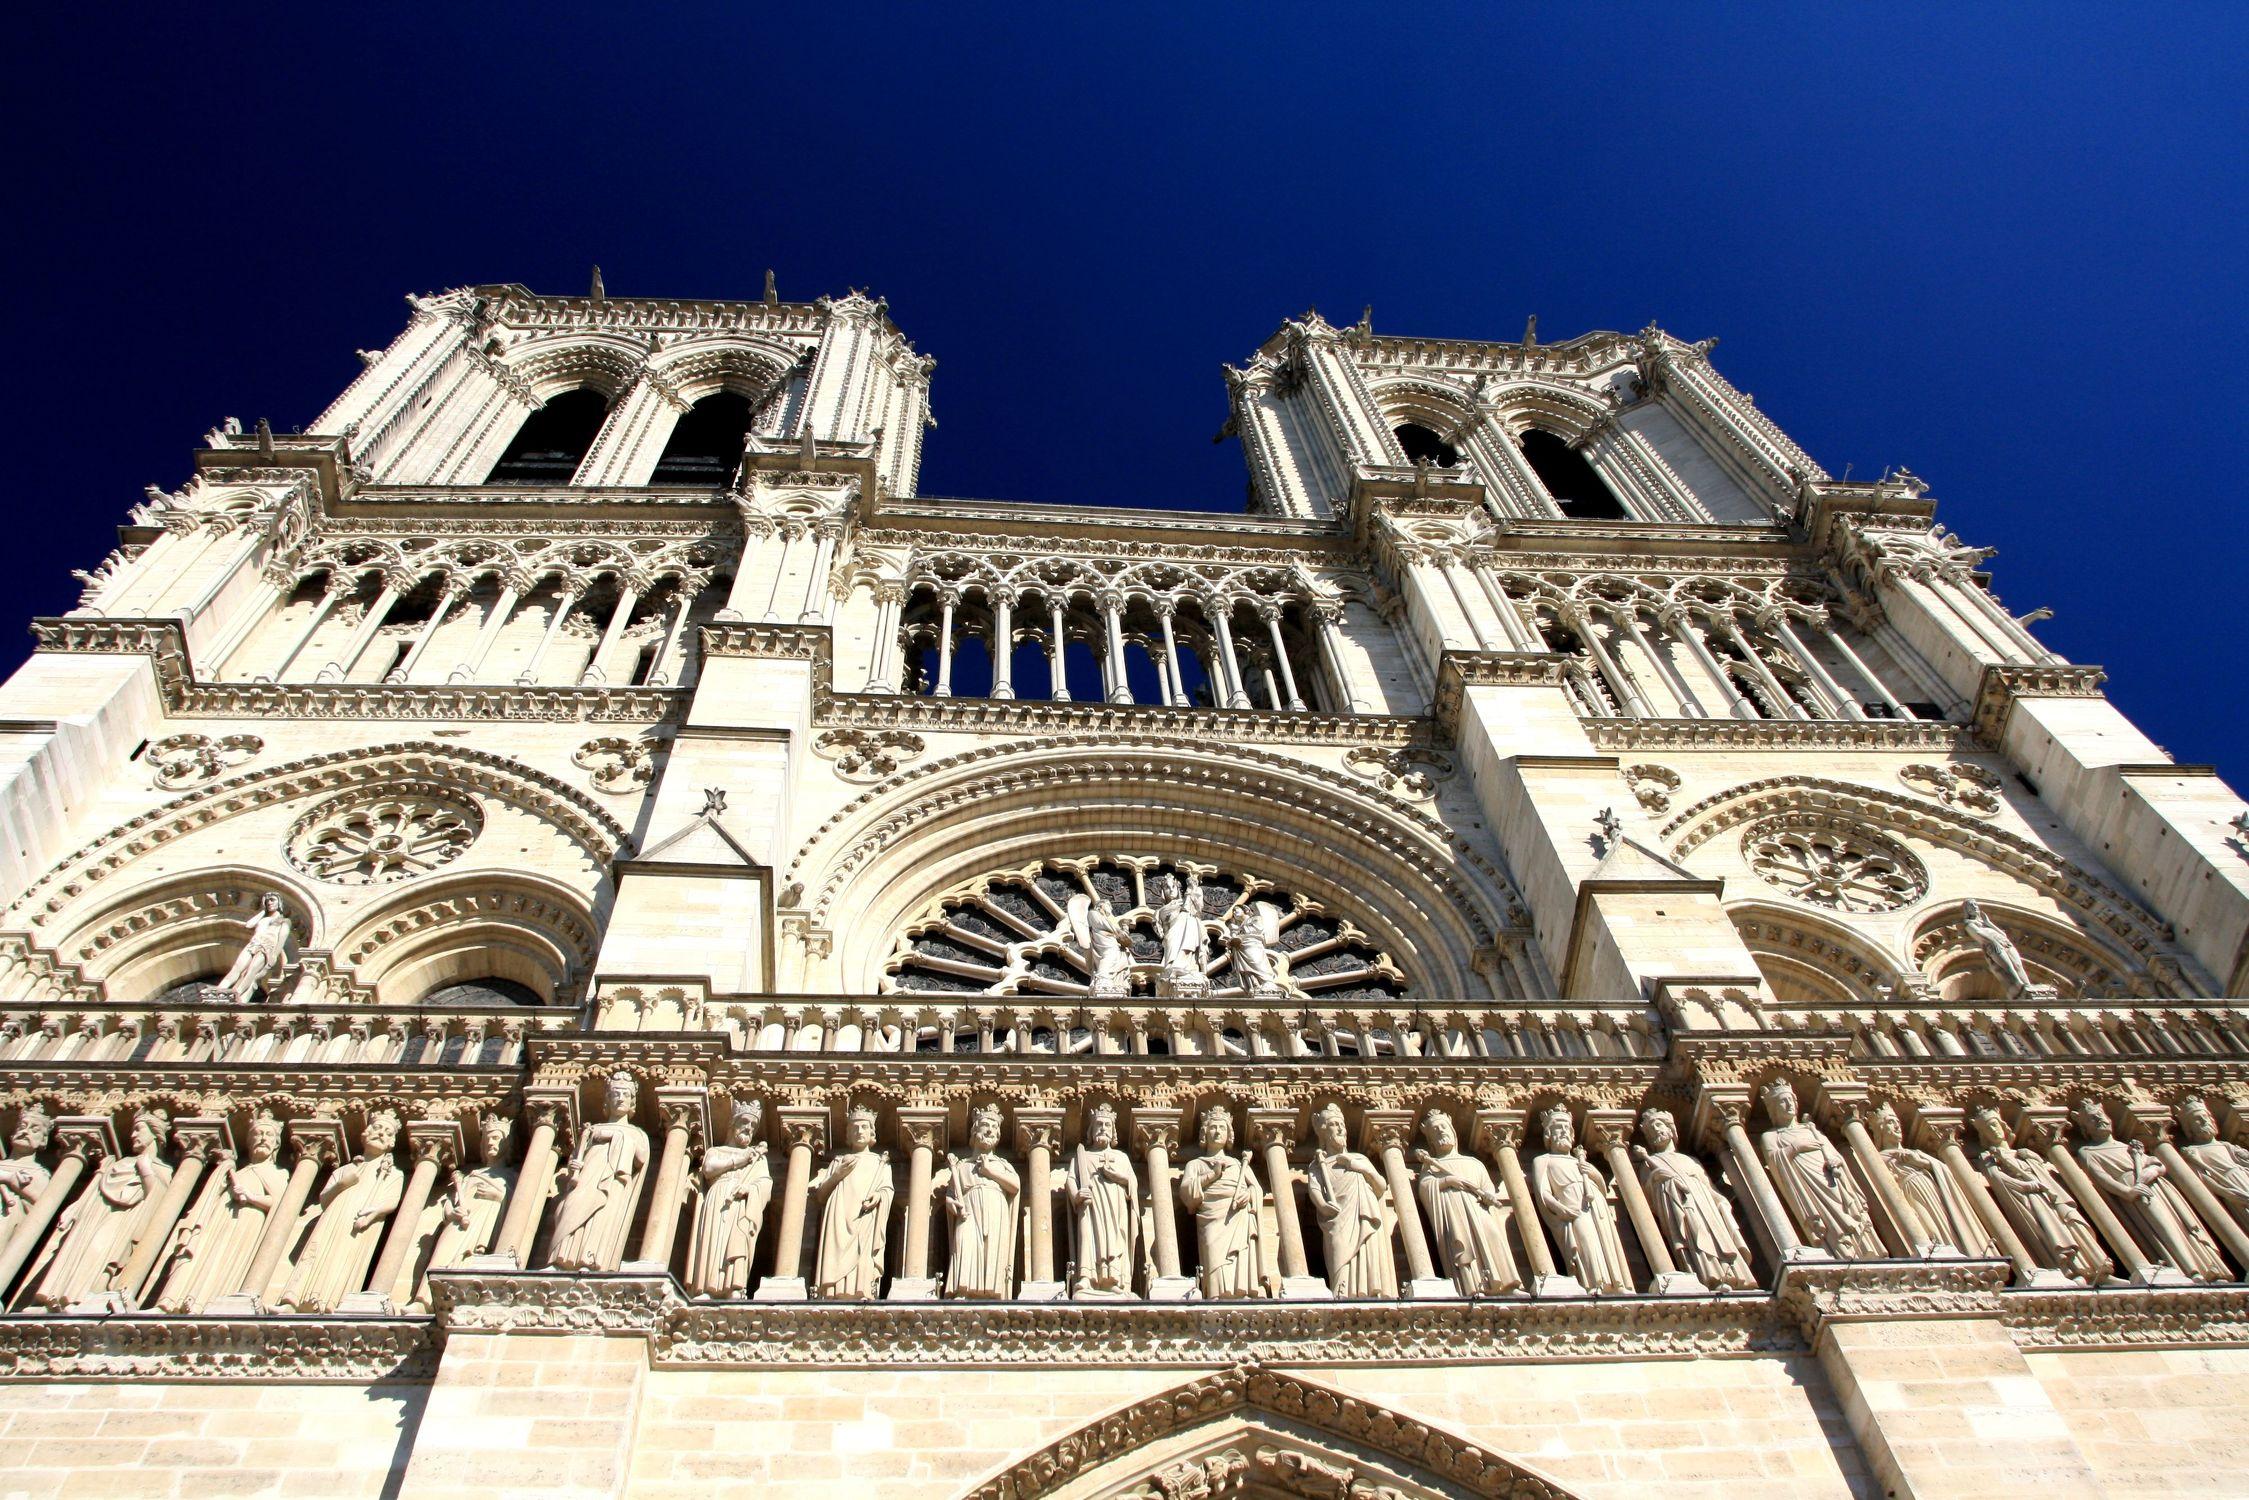 Bild mit Wahrzeichen, Gotisch, Frankreich, Sehenswürdigkeit, Kirche, Reisen, Reisefotografie, Paris, Notre Dame, Kathedrale, Kirchengebäude